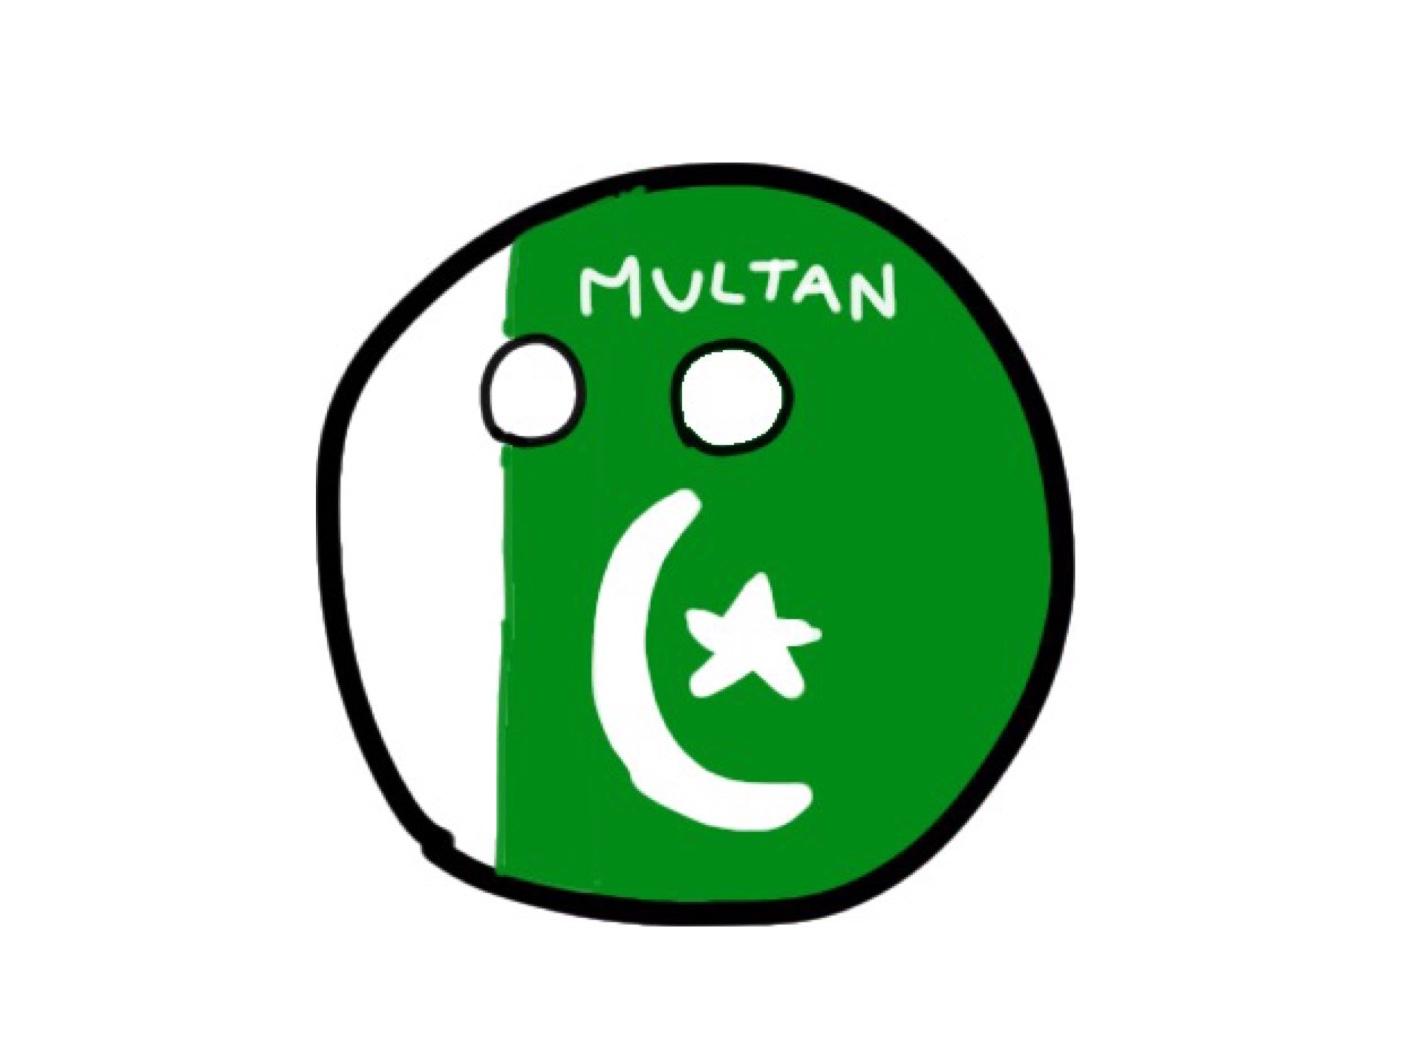 Multanball